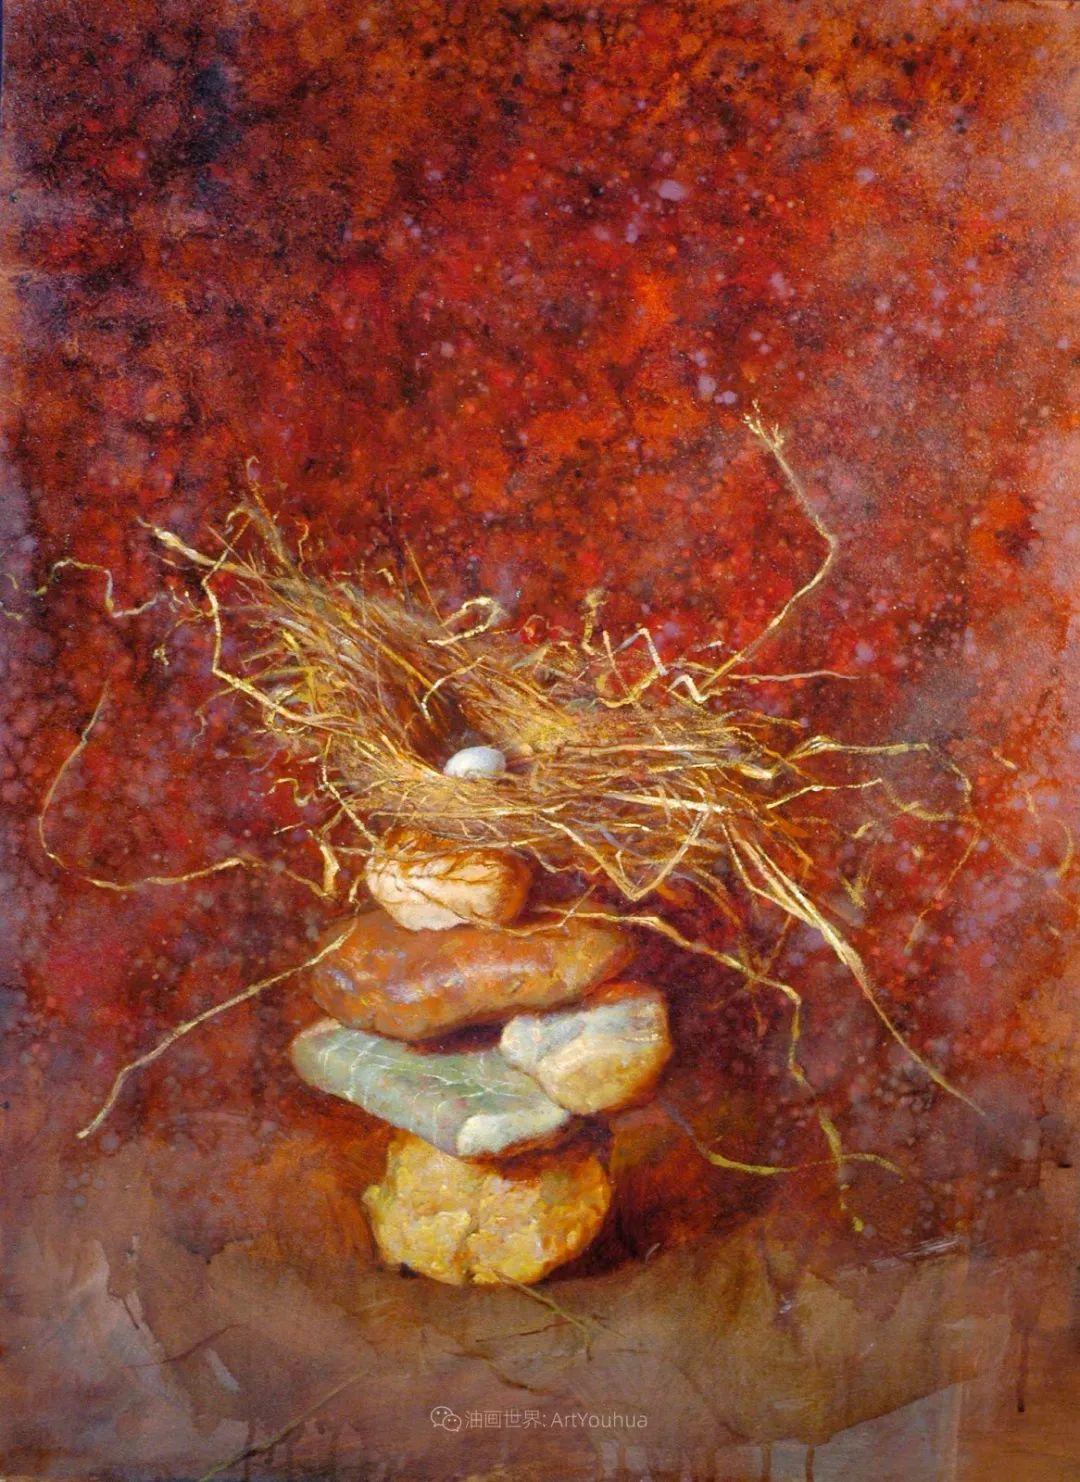 有趣而独特的人物肖像画,美国画家塞思·哈维坎普插图39